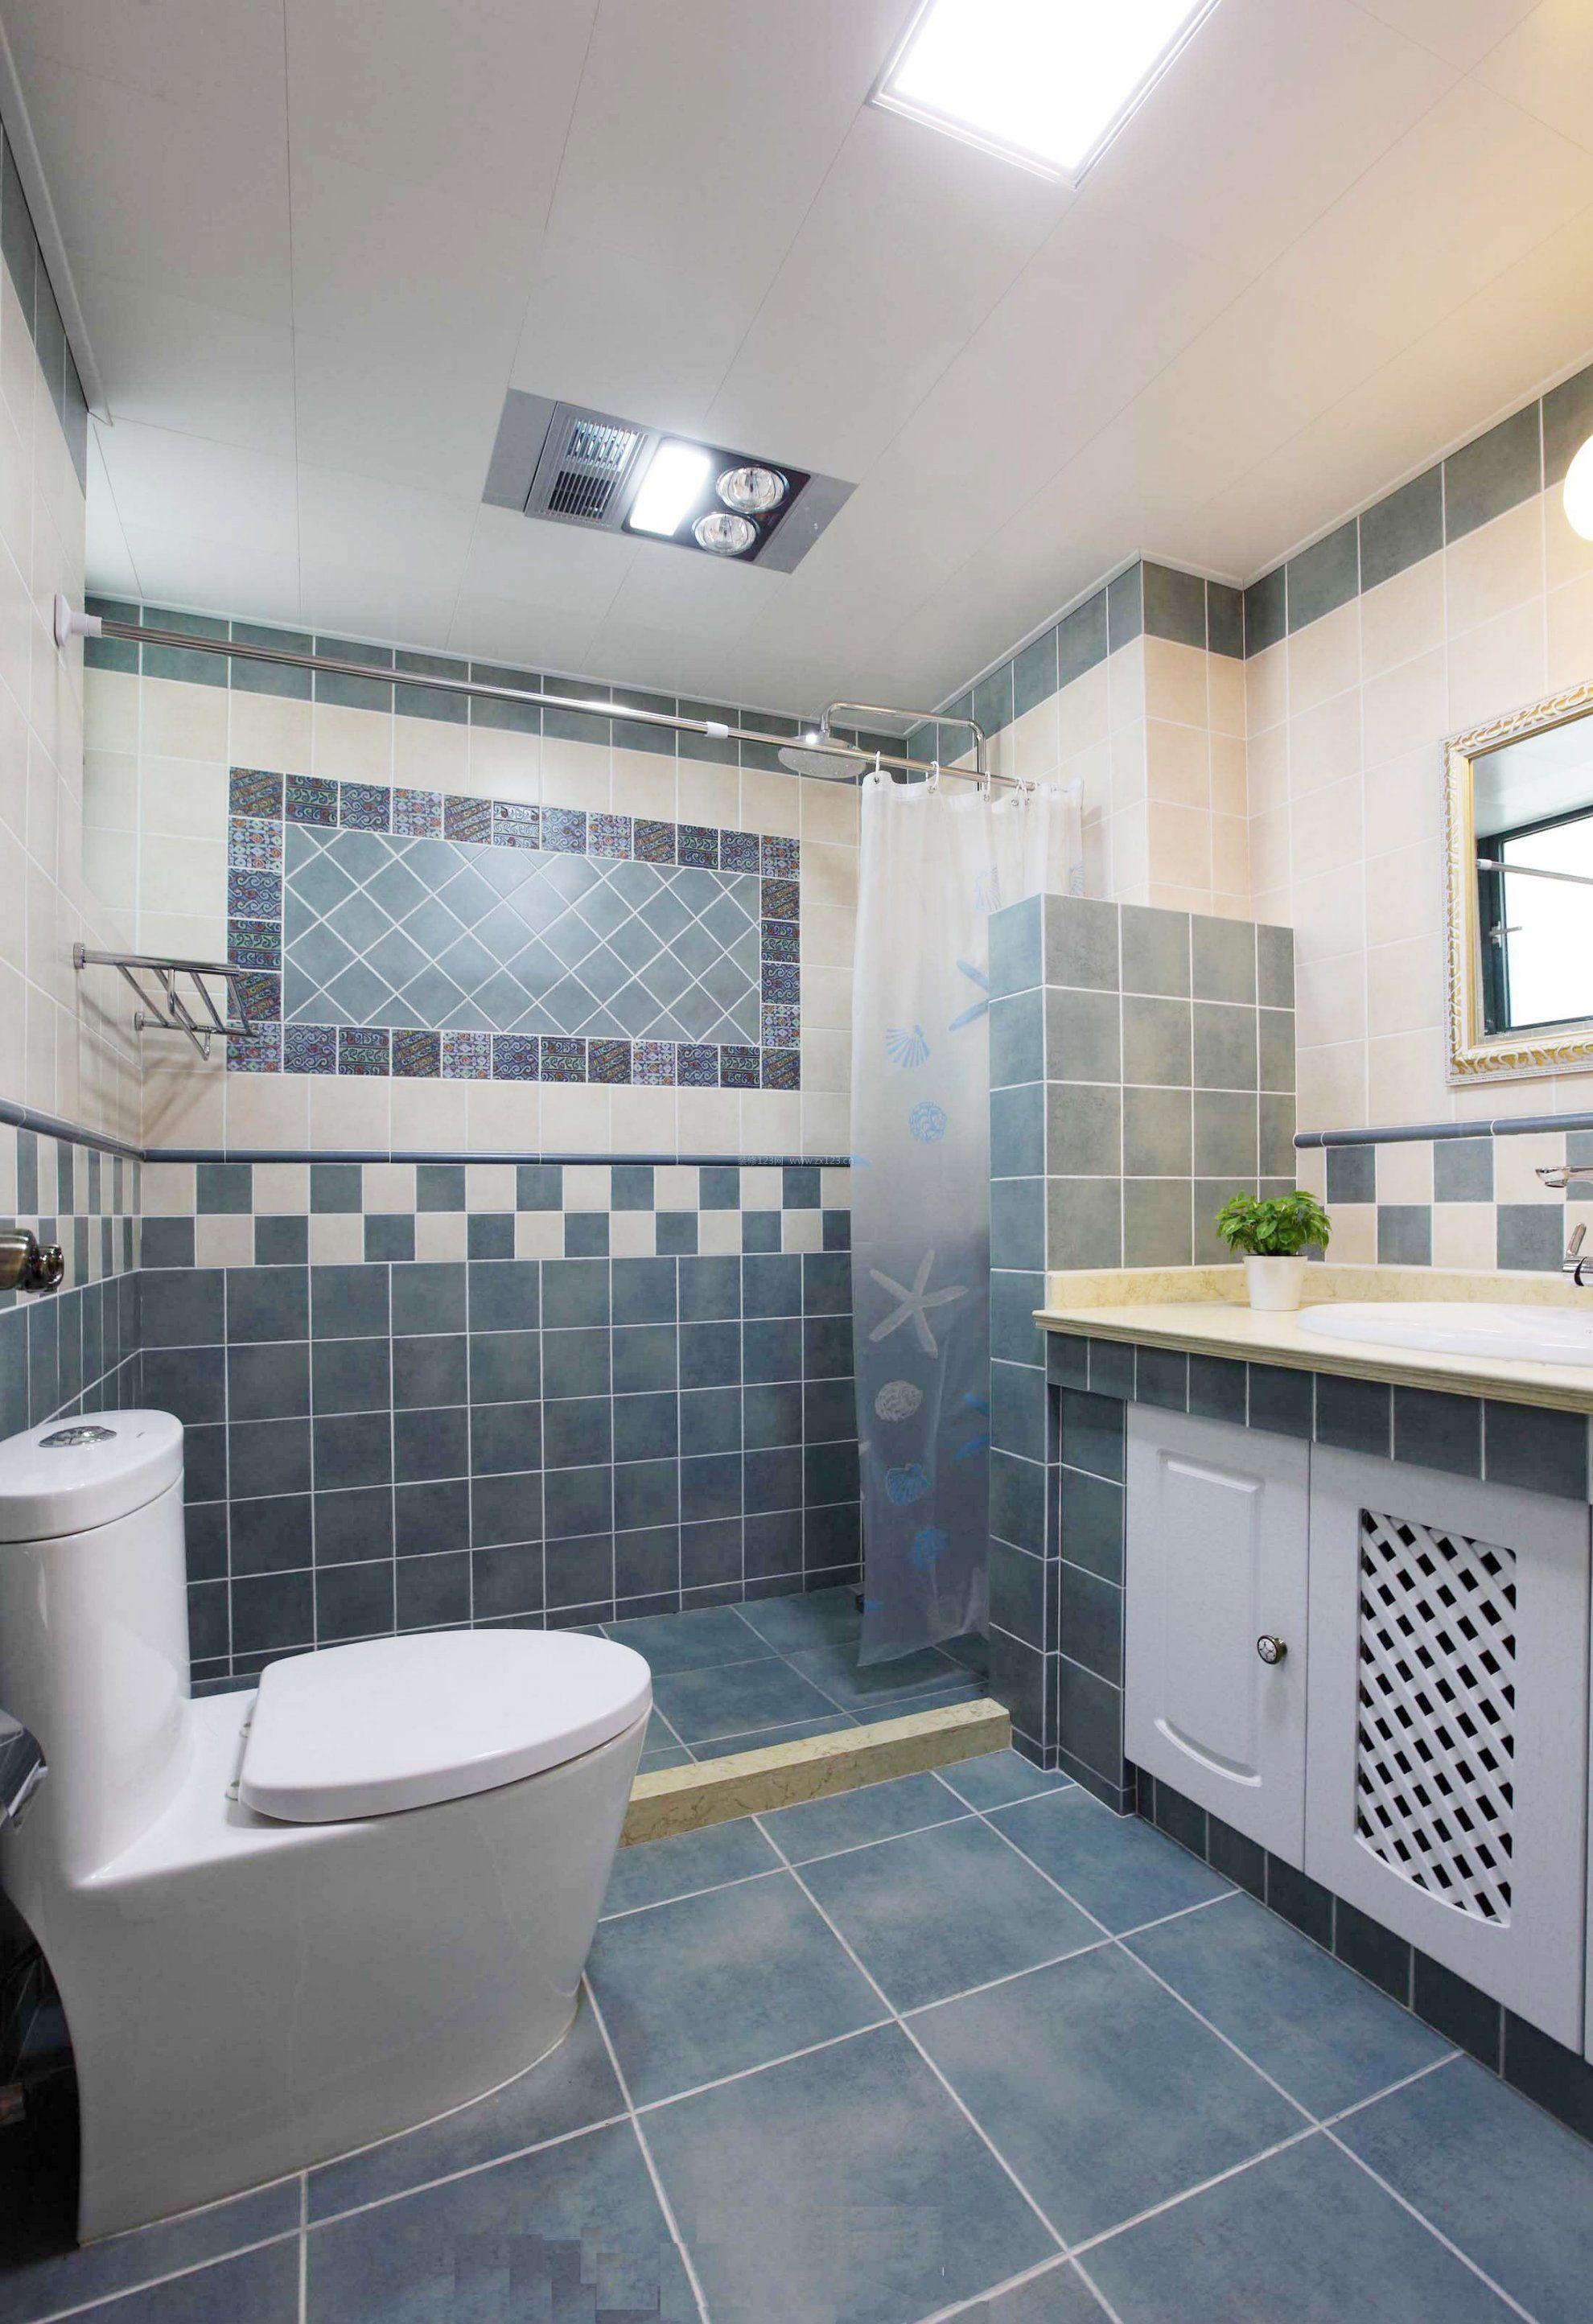 厨房间瓷砖装修效果图-厨房瓷砖装修效果图-过道地砖铺贴效果图-厨房